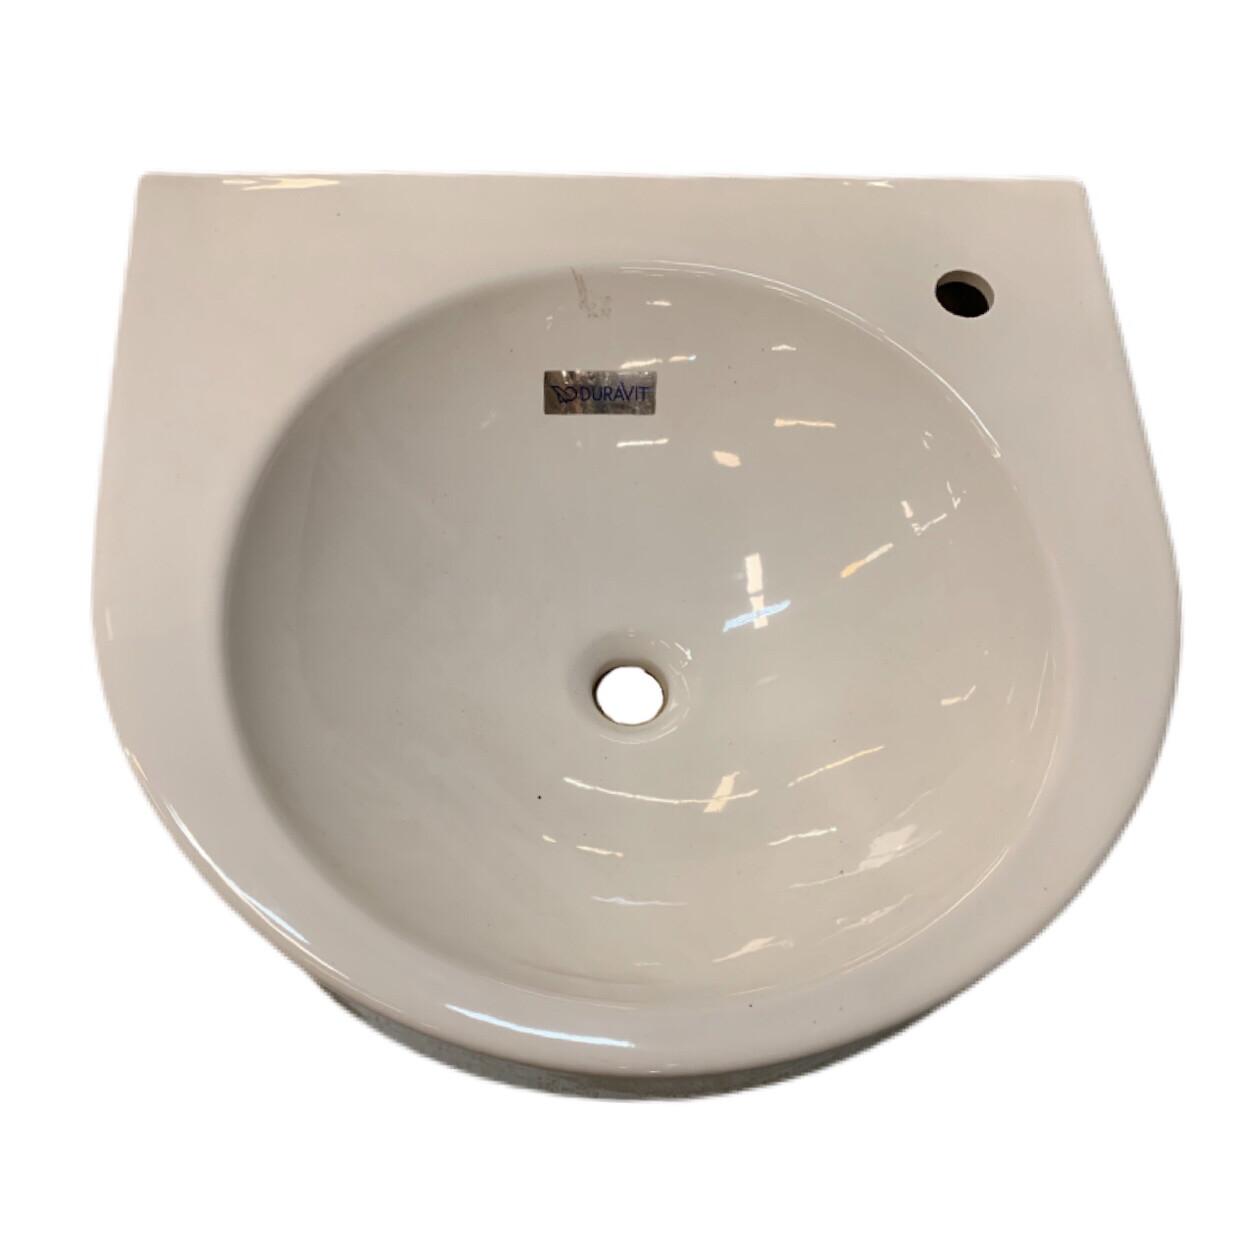 Duravit White Wall Mount Sink